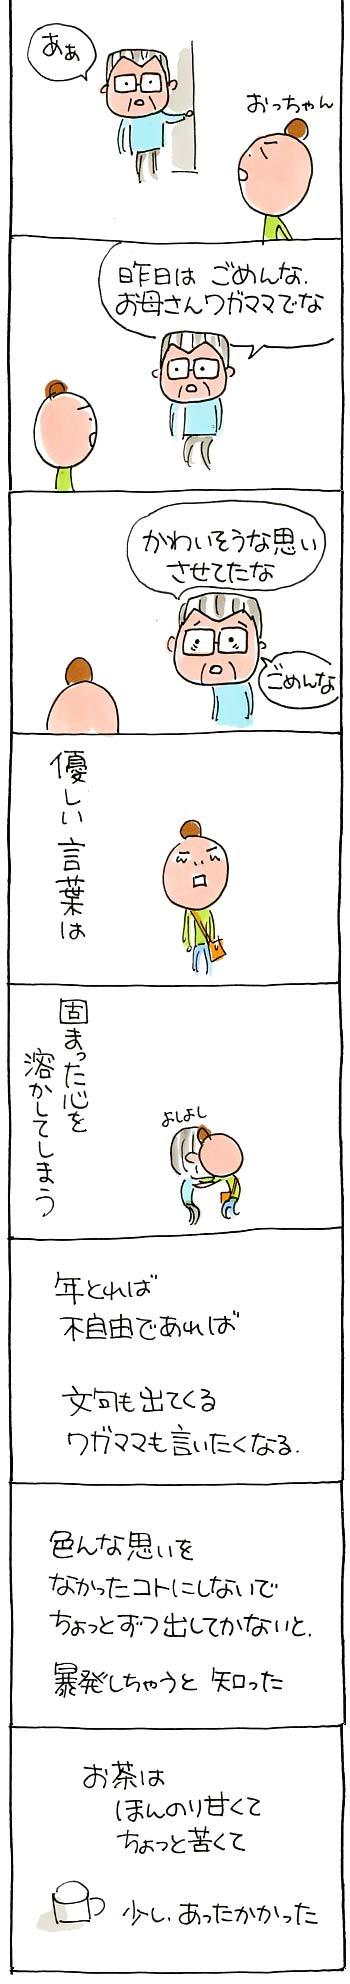 ハハを怒04